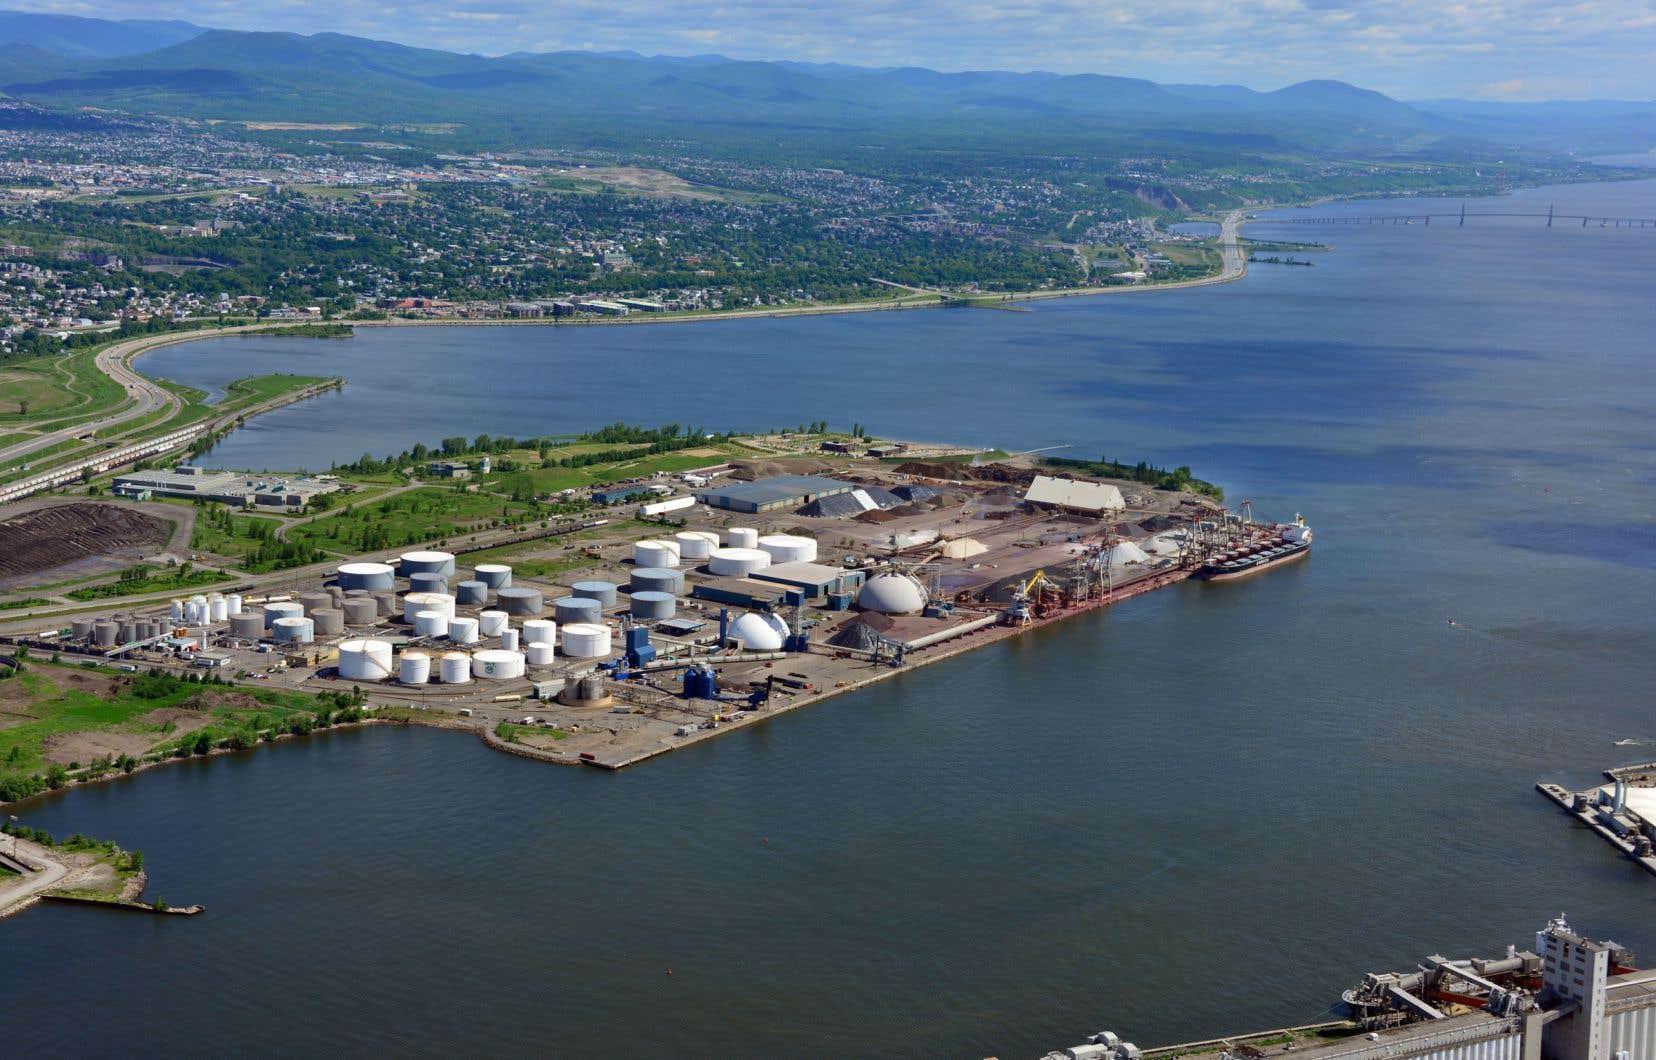 La réalisation du projet Laurentia s'inscrit dans cette logique néfaste qui a entraîné le déclin des quartiers du littoral est de Québec.